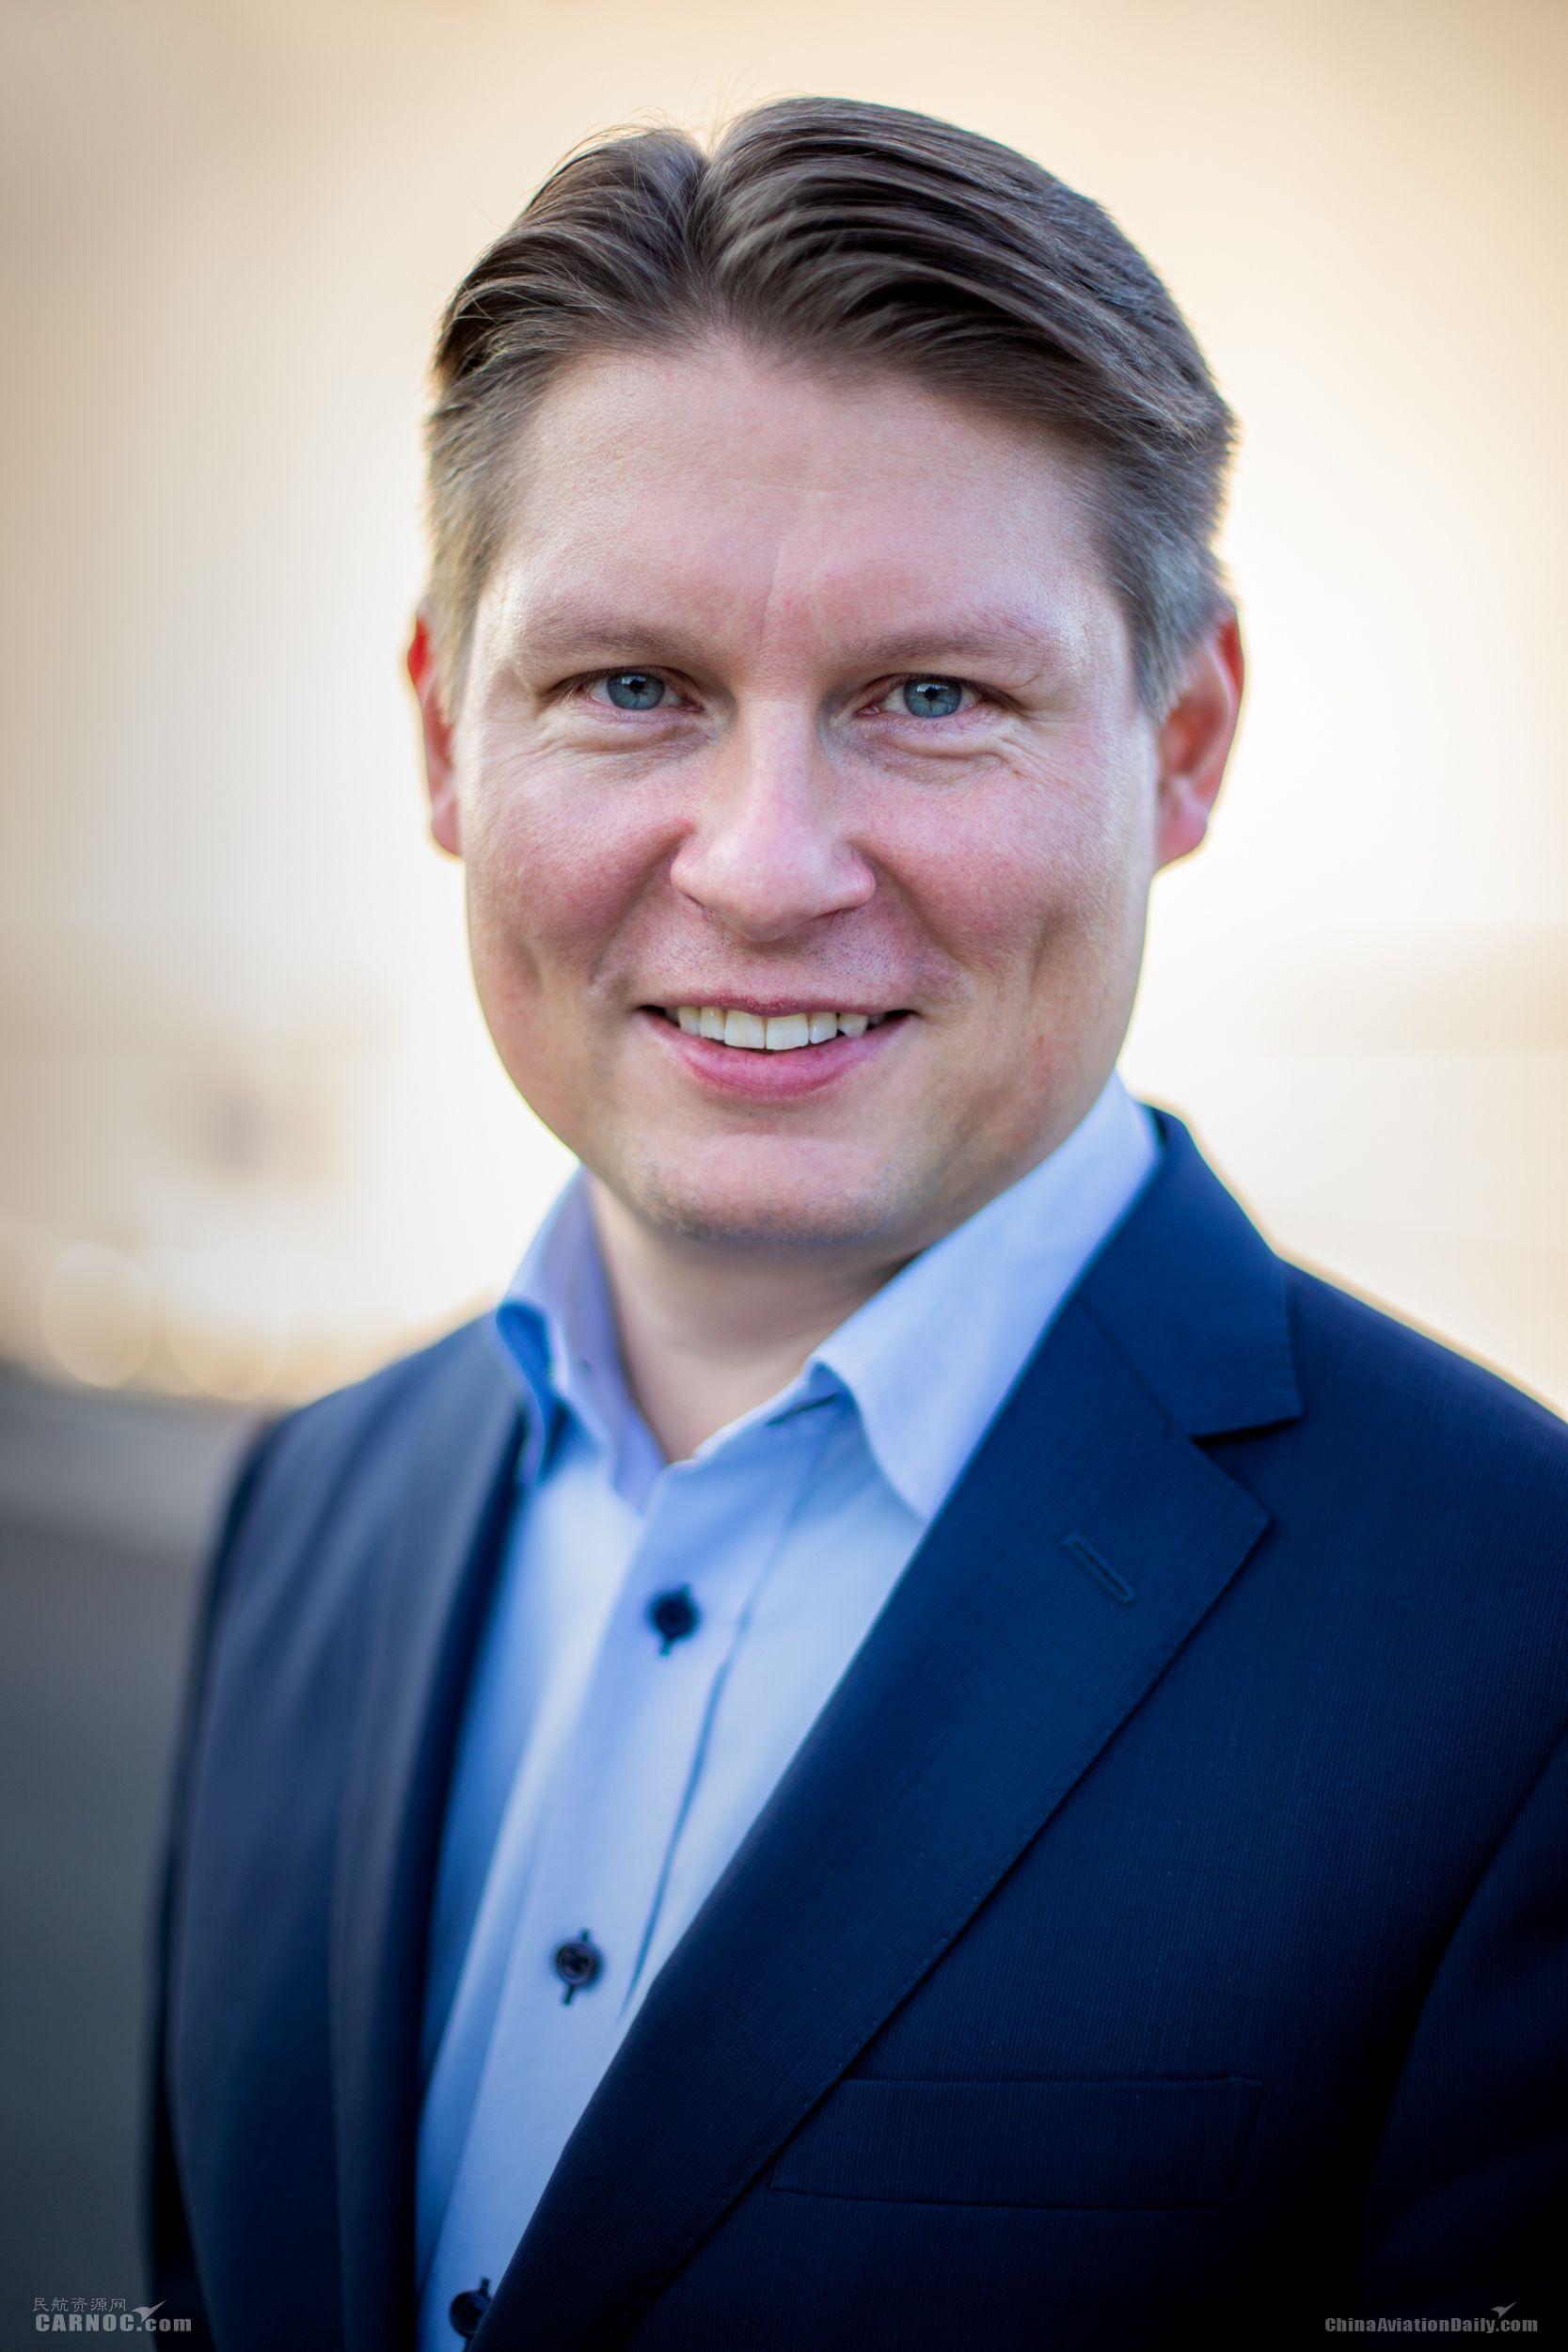 芬兰航空任命Topi Manner为新任首席执行官